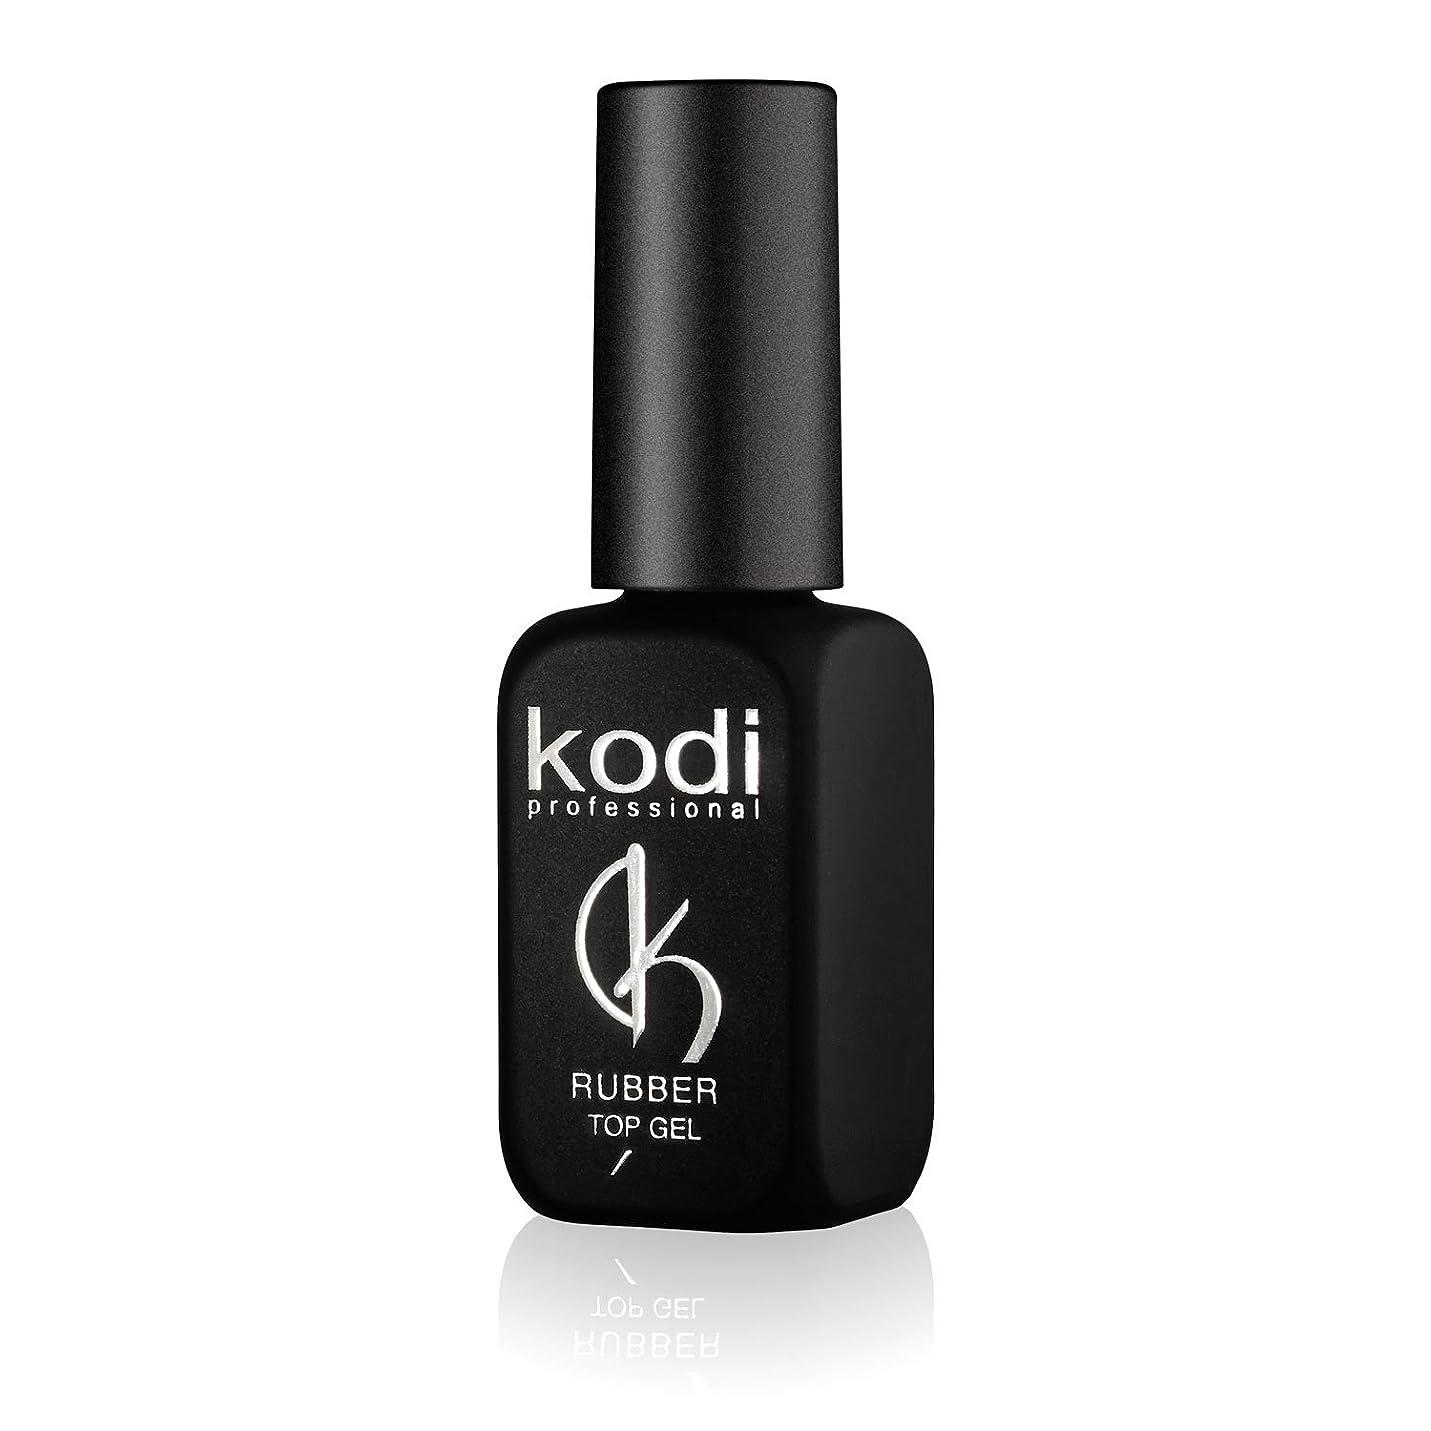 バルセロナ虚偽元気なProfessional Rubber Top Gel By Kodi | 12ml 0.42 oz | Soak Off, Polish Fingernails Coat Gel | For Long Lasting Nails Layer | Easy To Use, Non-Toxic & Scentless | Cure Under LED Or UV Lamp